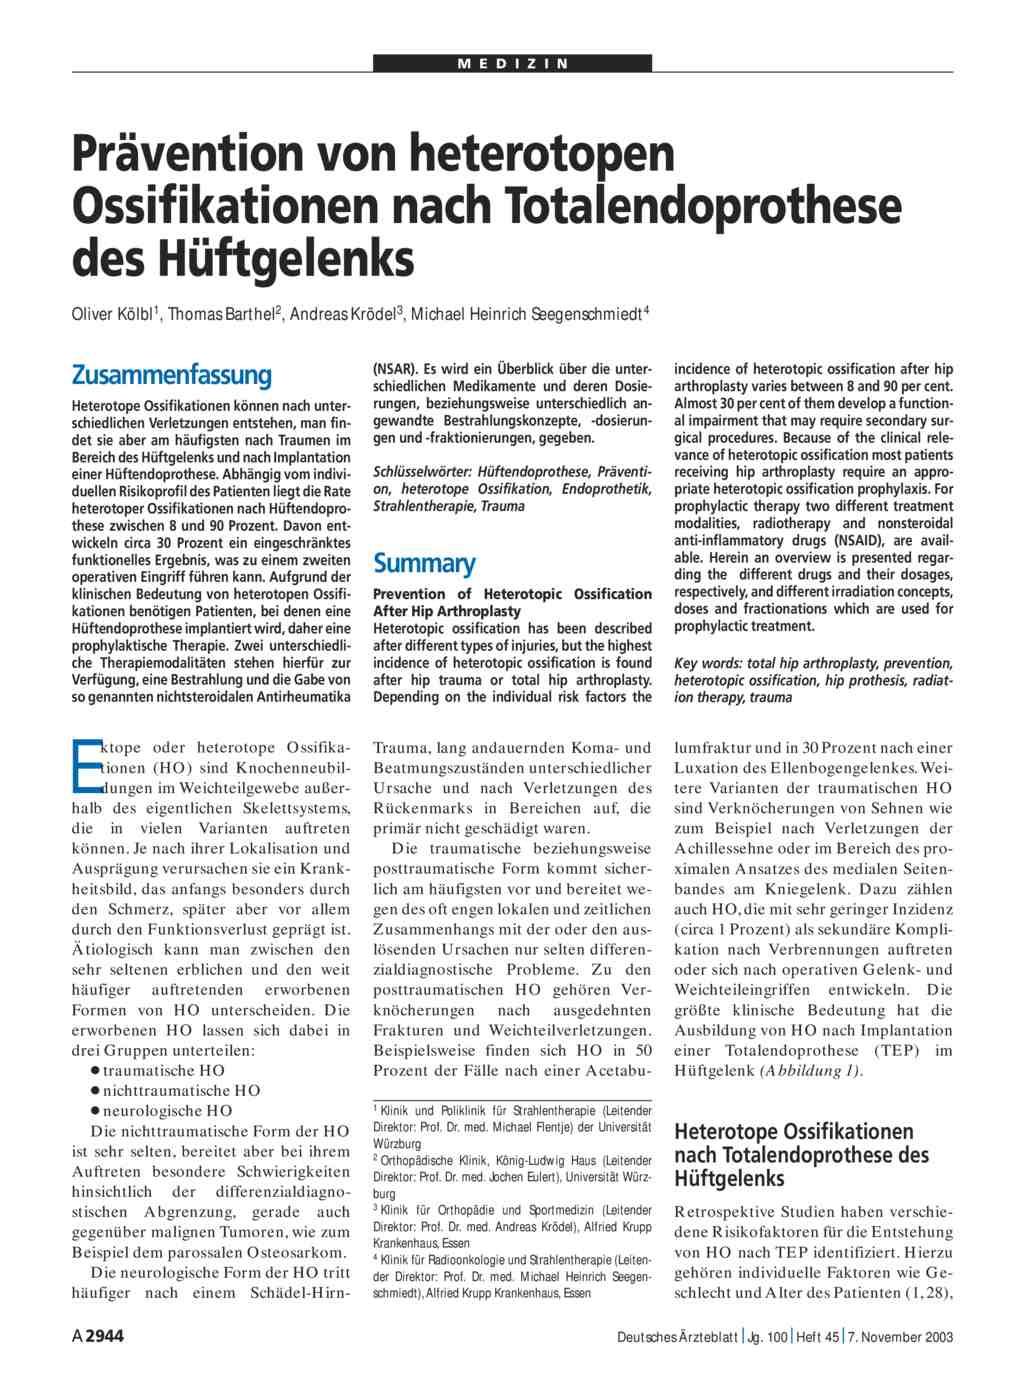 Pravention Von Heterotopen Ossifikationen Nach Totalendoprothese